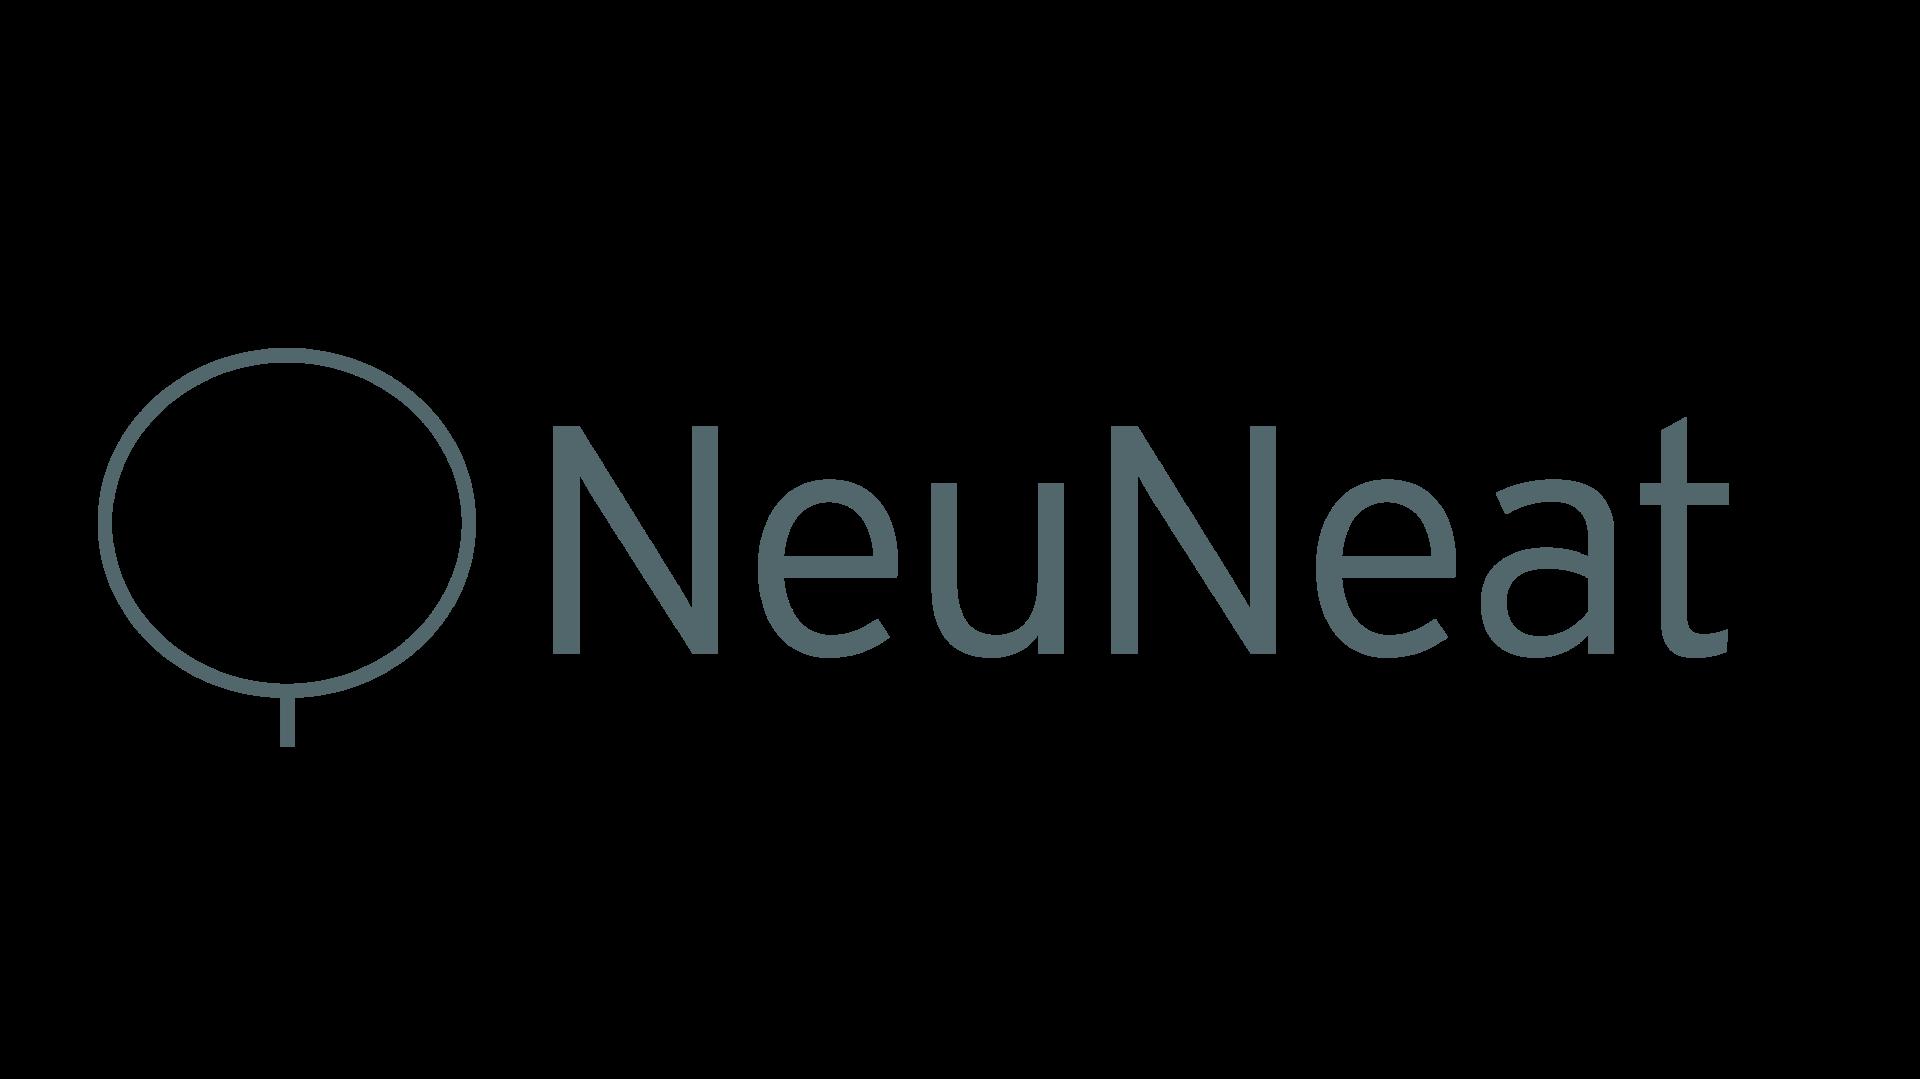 NeuNeat_logo